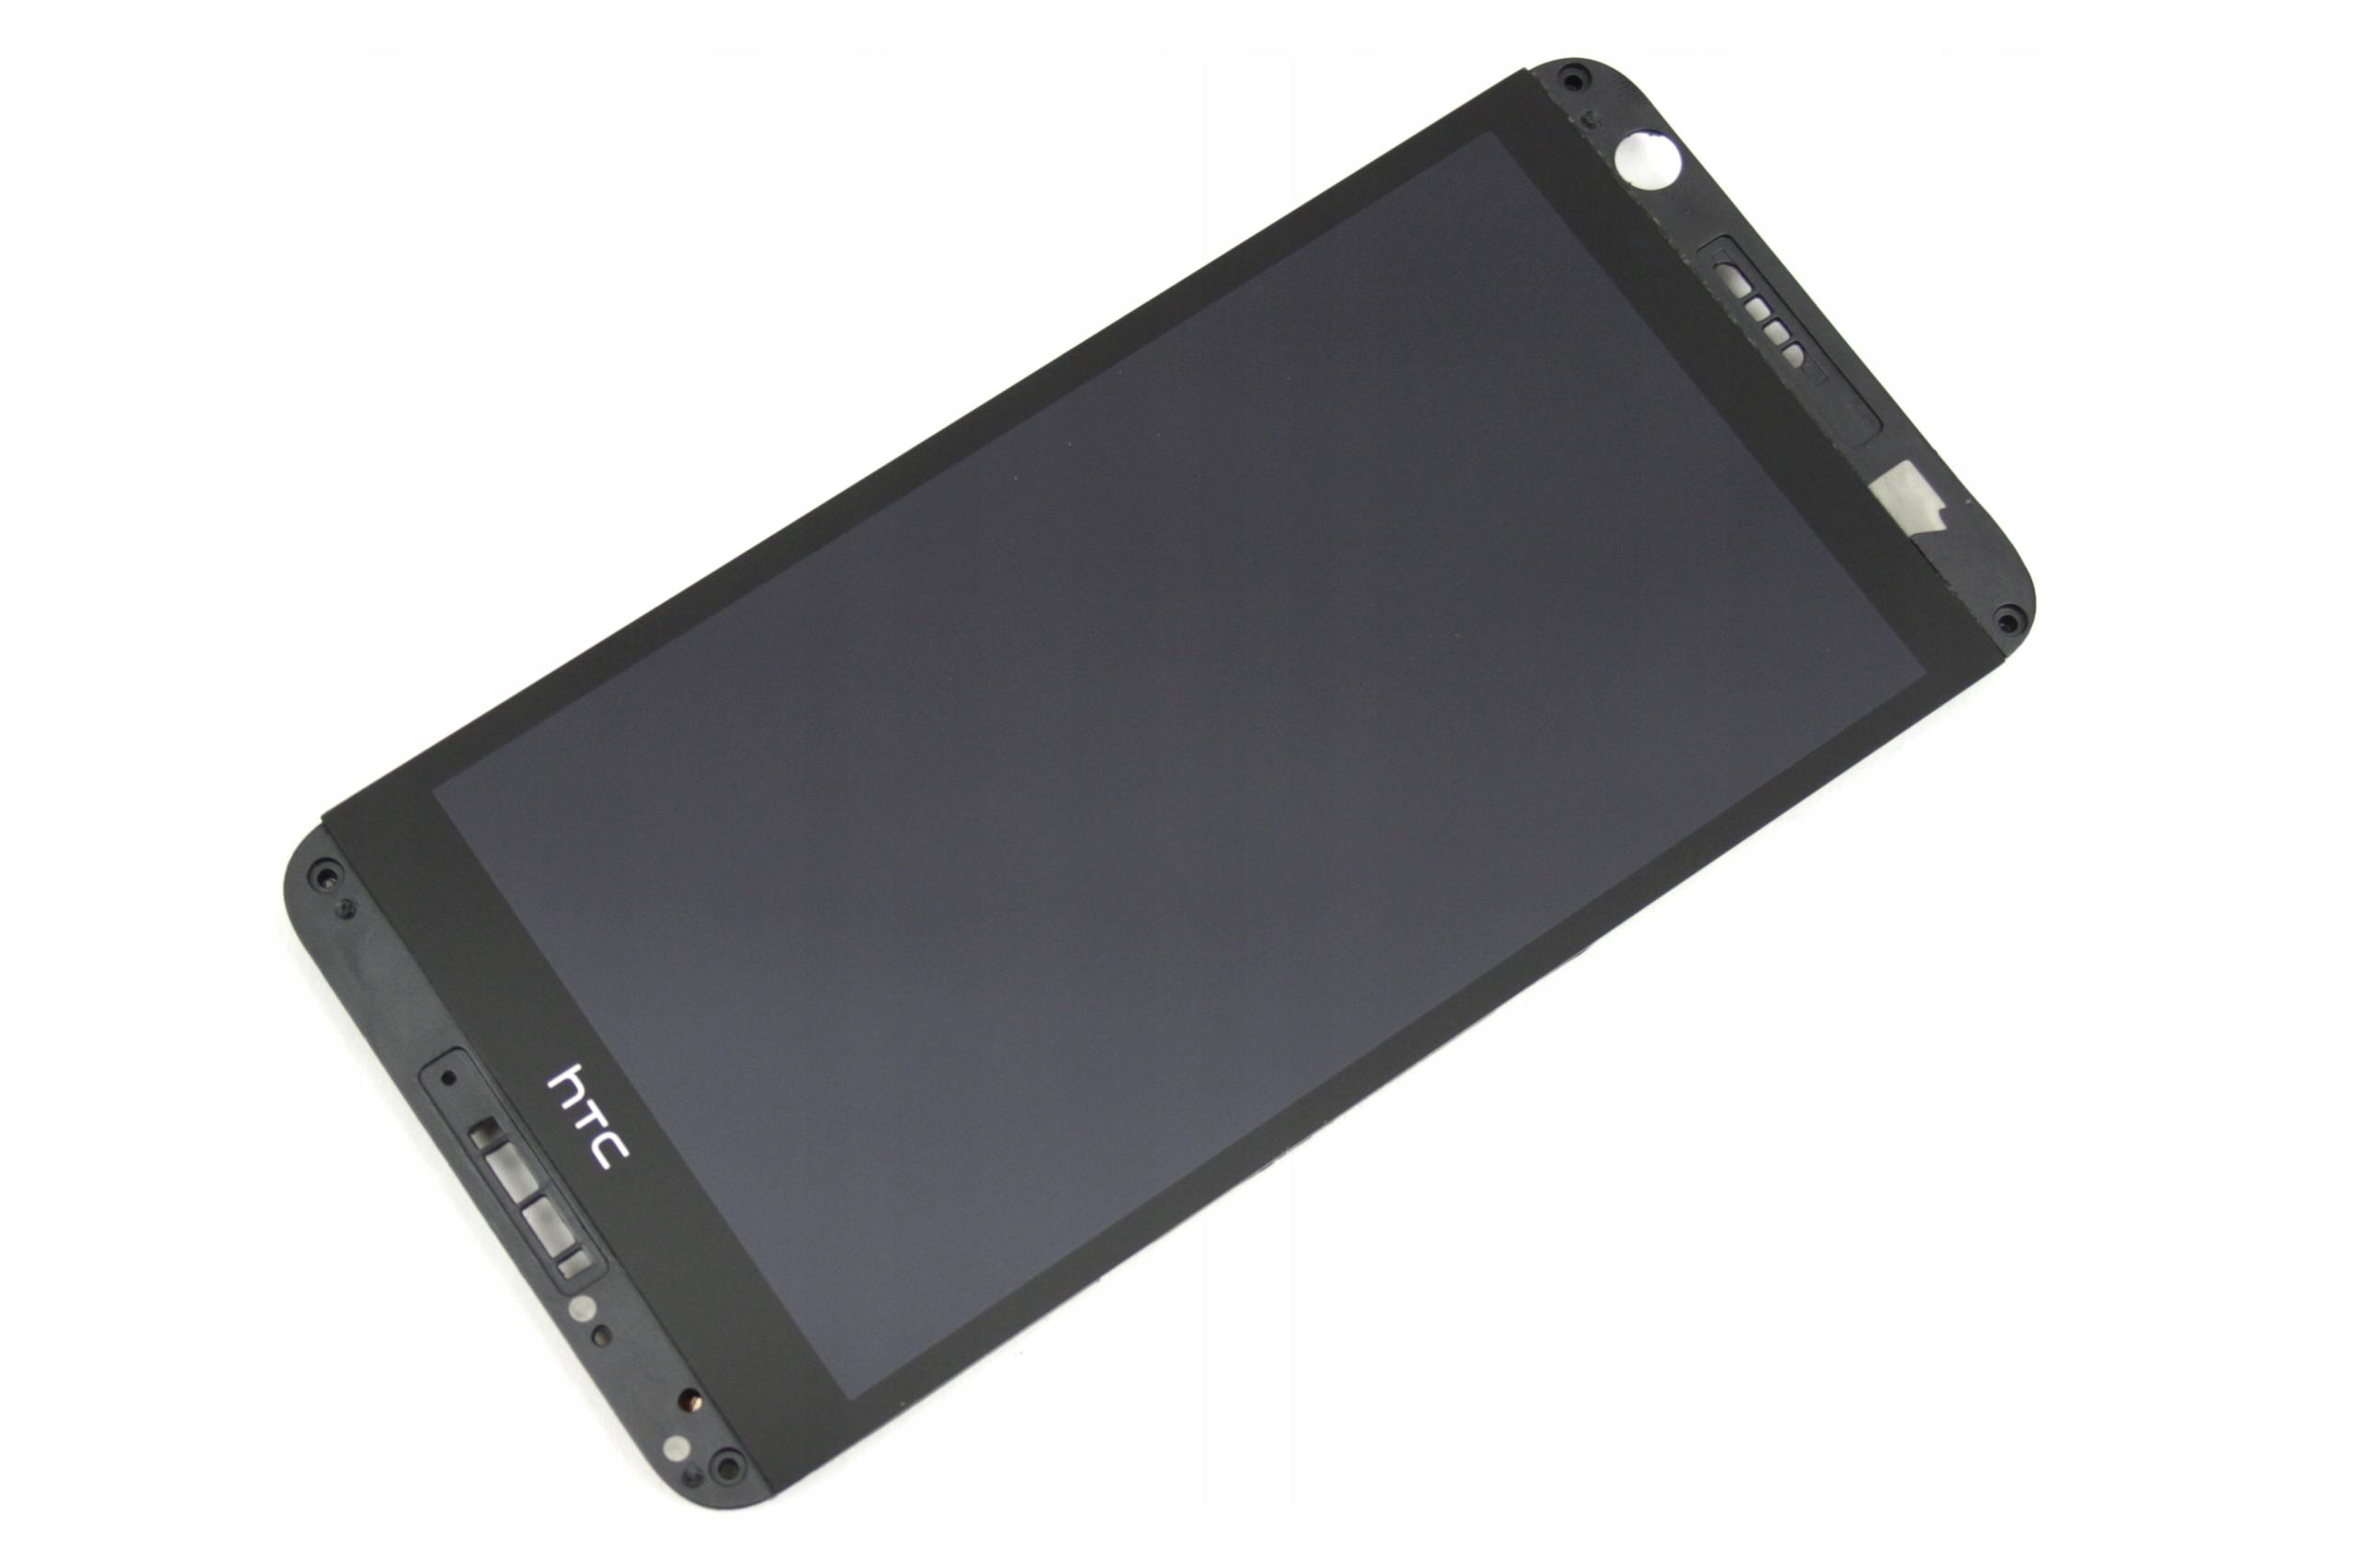 WYŚWIETLACZ DIGITIZER LCD HTC DESIRE 820 RAMKĄ Z